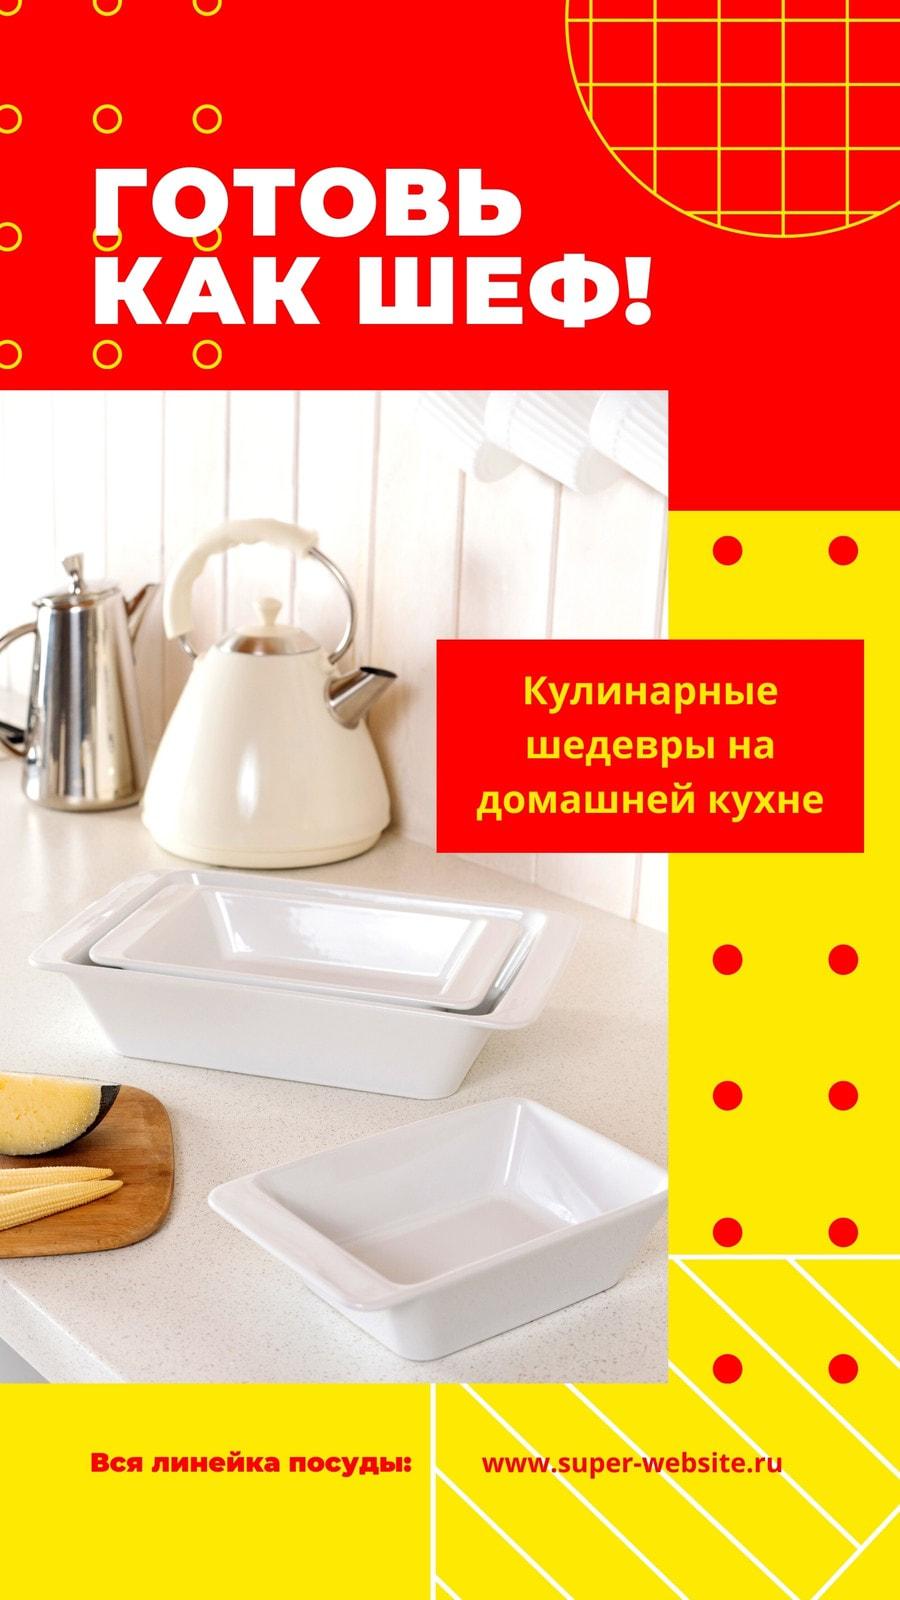 Красная и желтая история Instagram с фотографией посуды и геометрической графикой